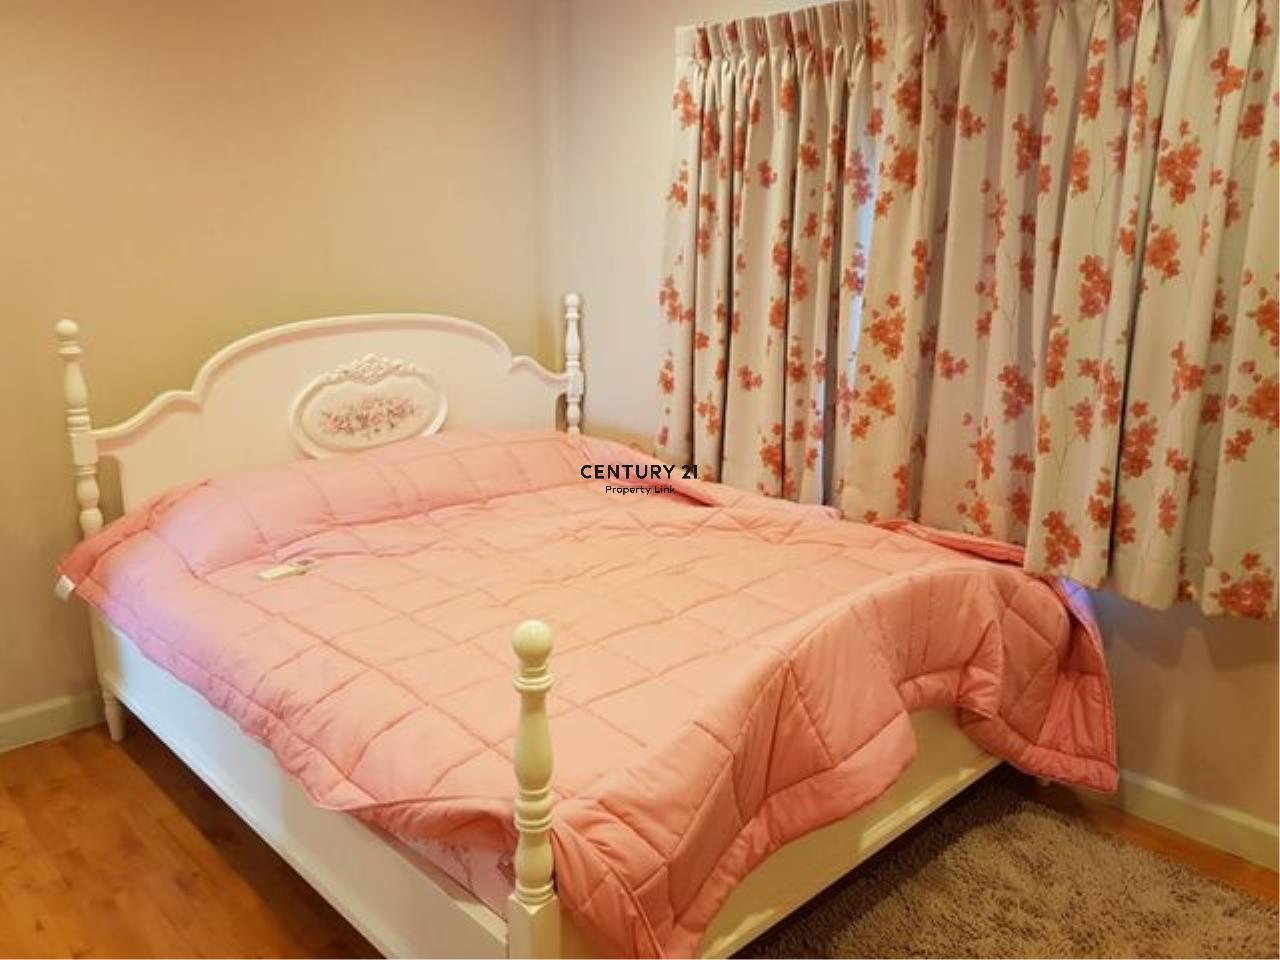 Century21 Property Link Agency's 38-HH-61064 Single House @ Phutthamonthon Sai 4 near Mahidon Salaya University 7